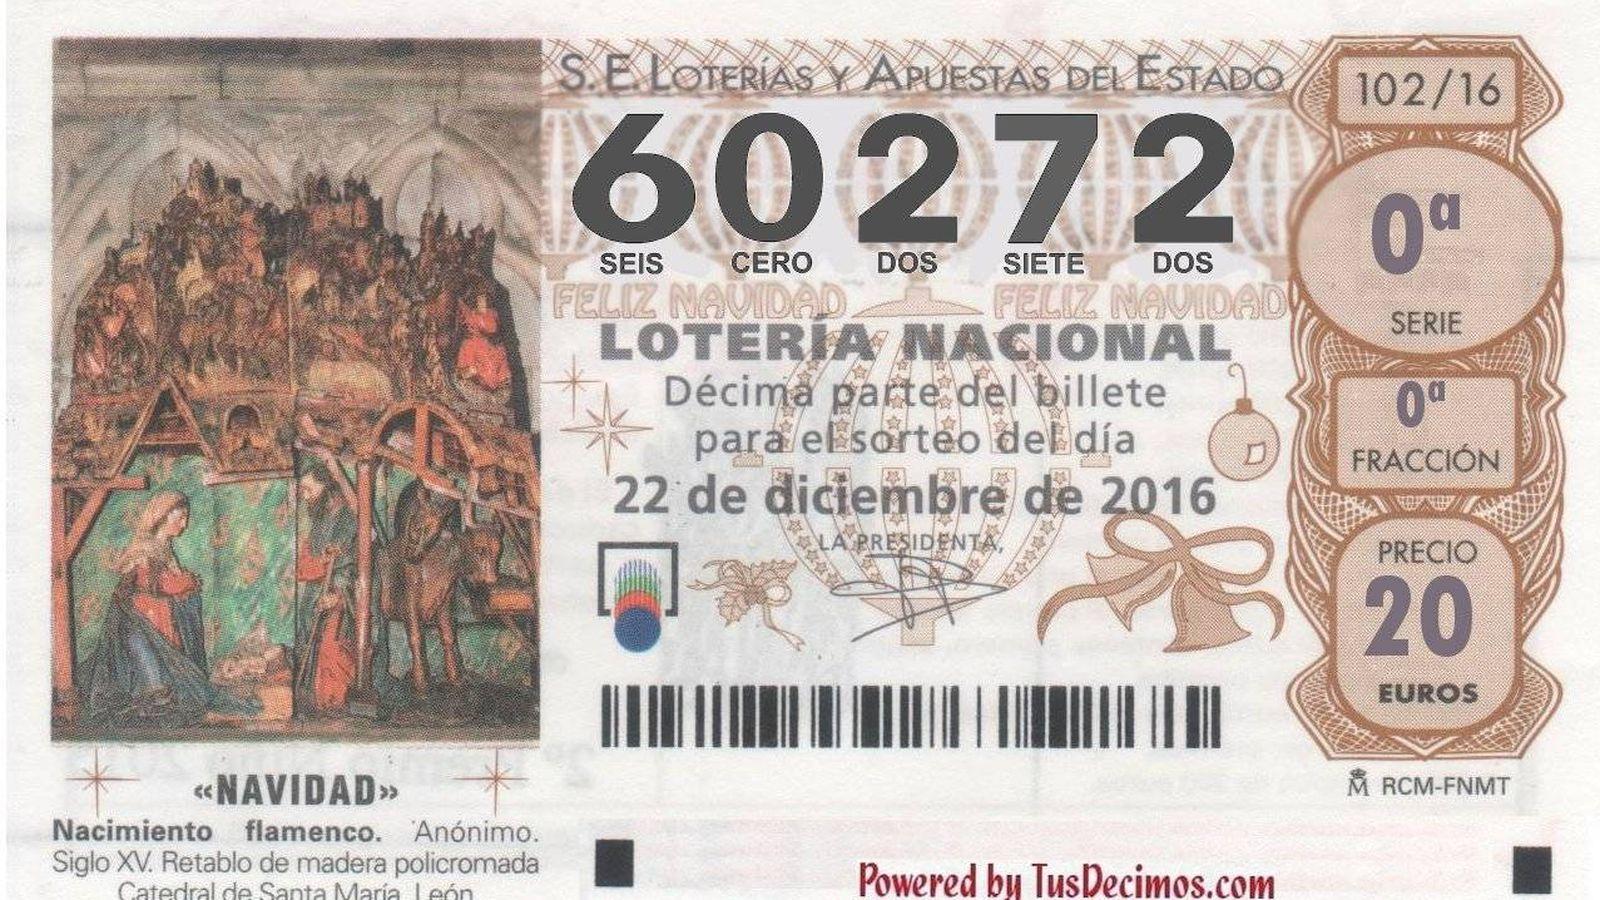 Casino europa online comprar loteria euromillones en Valencia-505432